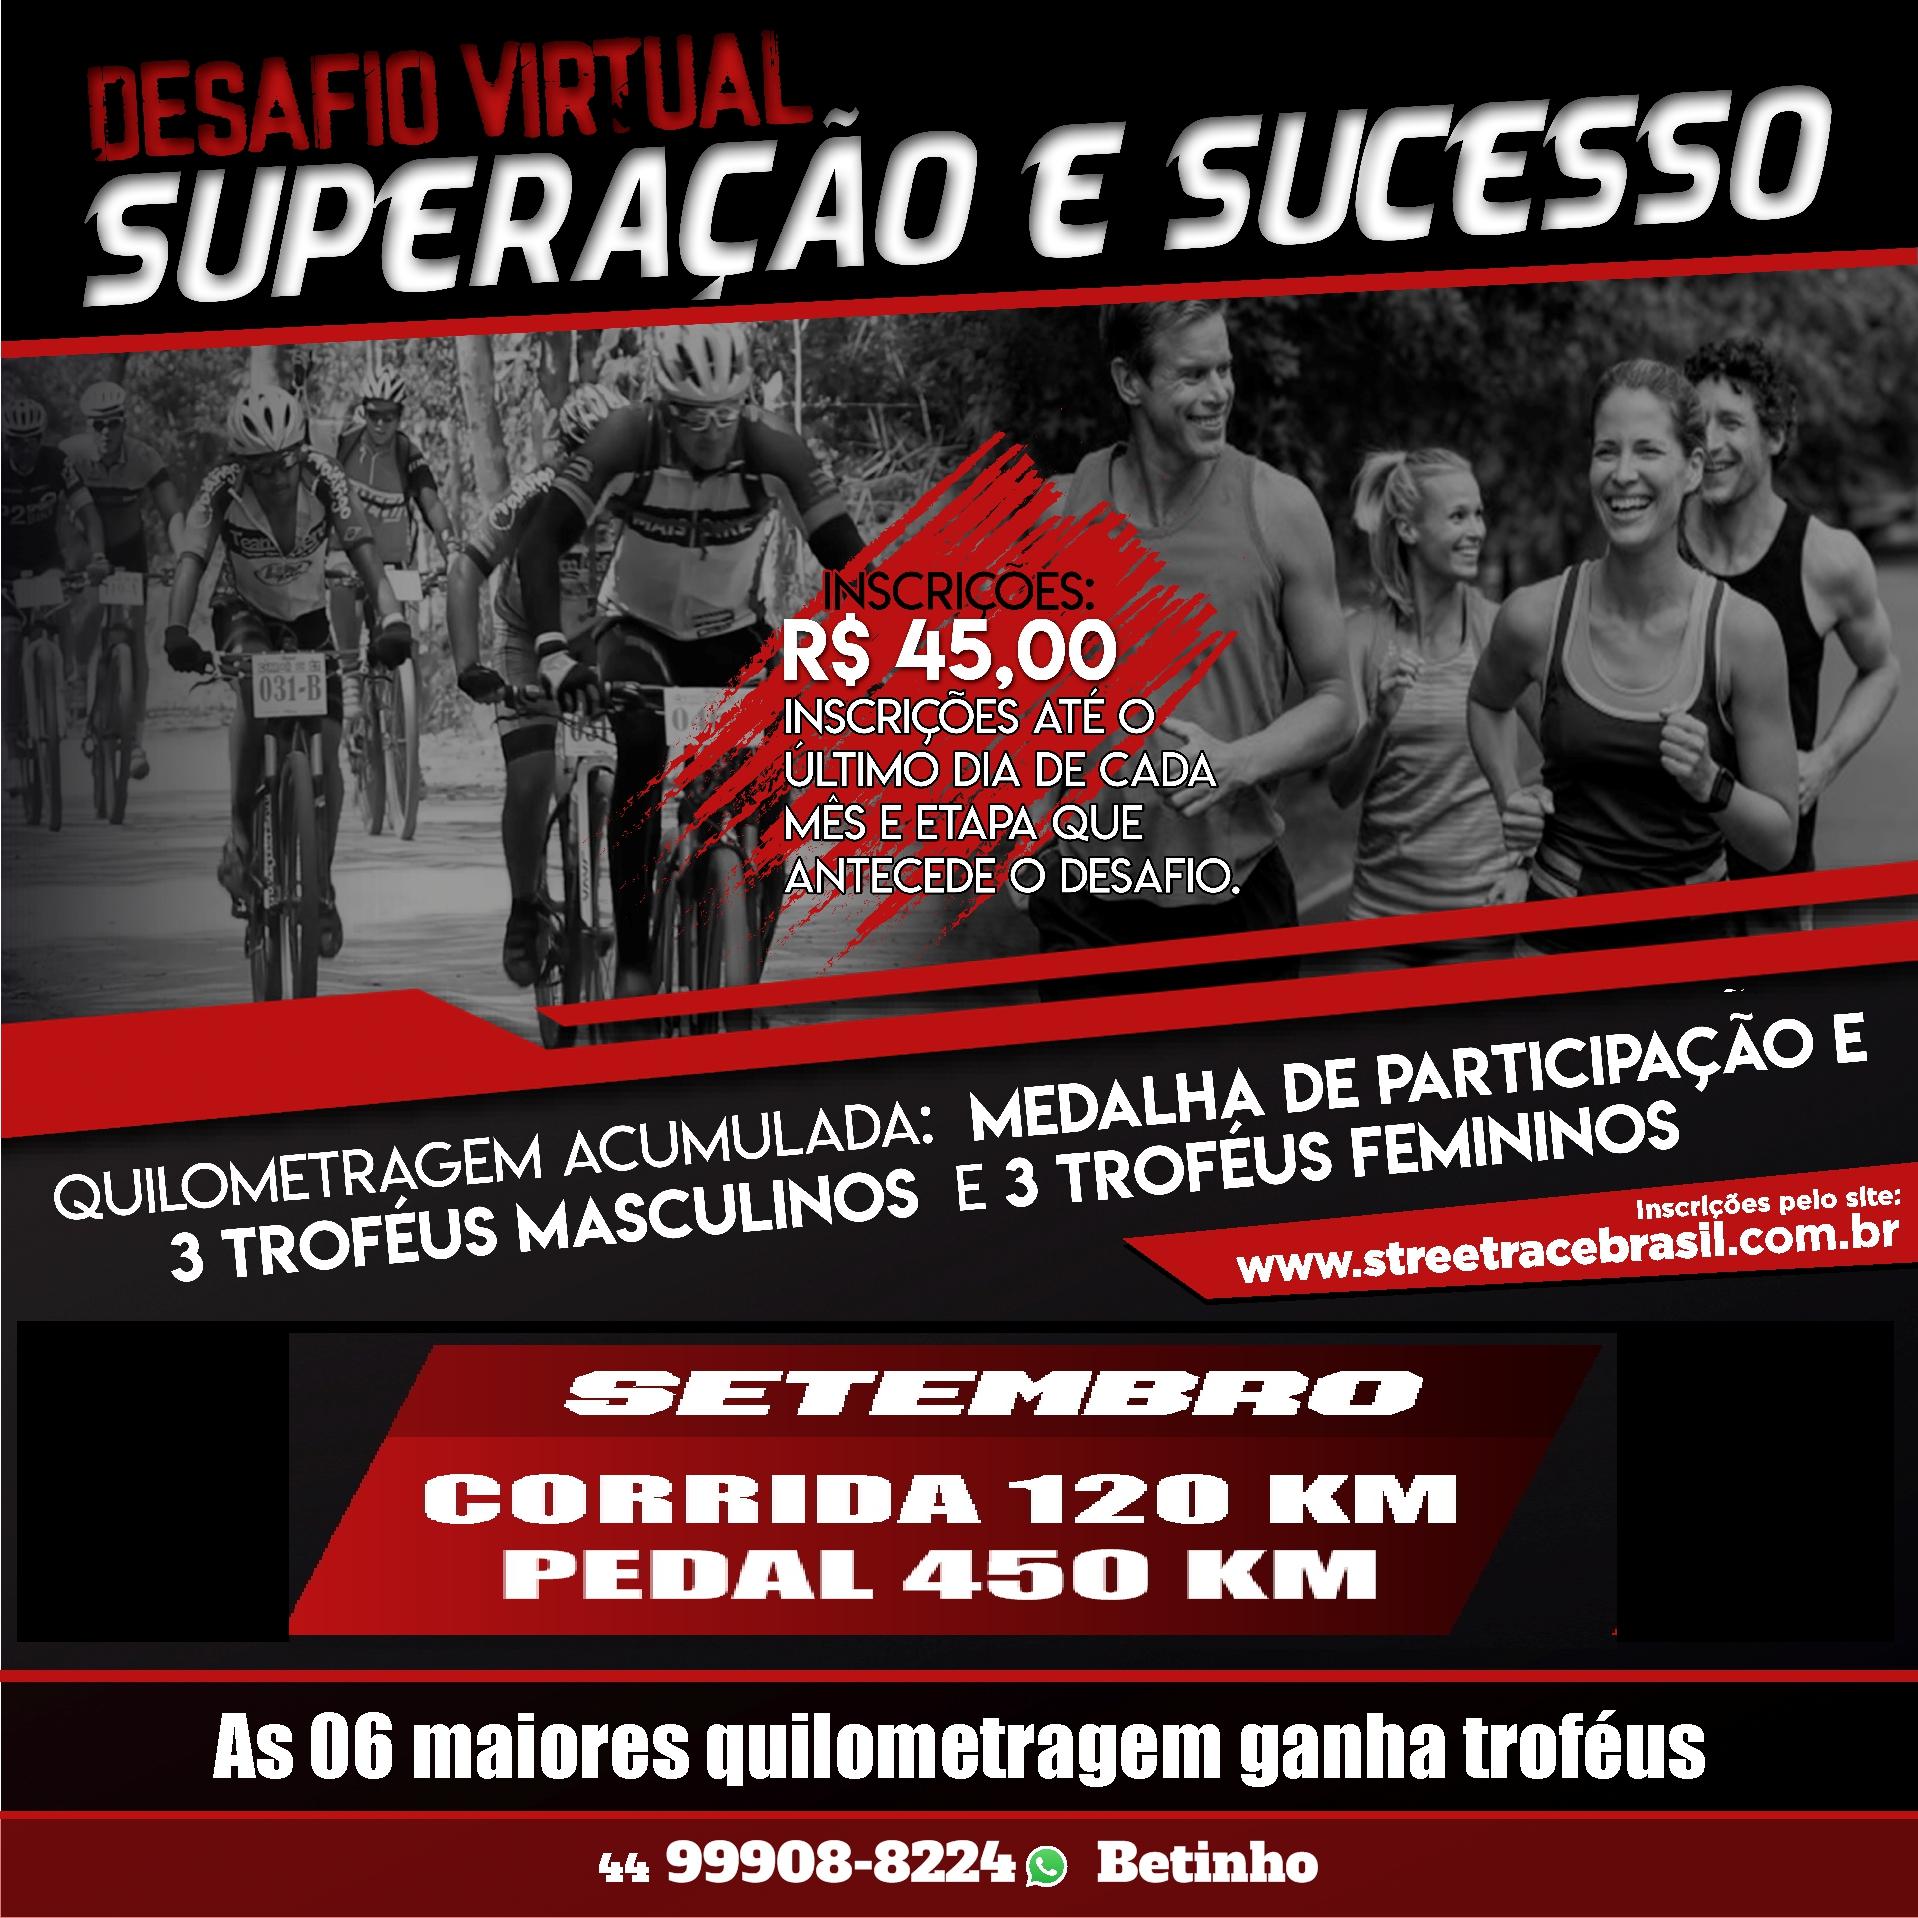 DESAFIO VIRTUAL SUPERAÇÃO E SUCESSO – CORRIDA & PEDAL (SETEMBRO)